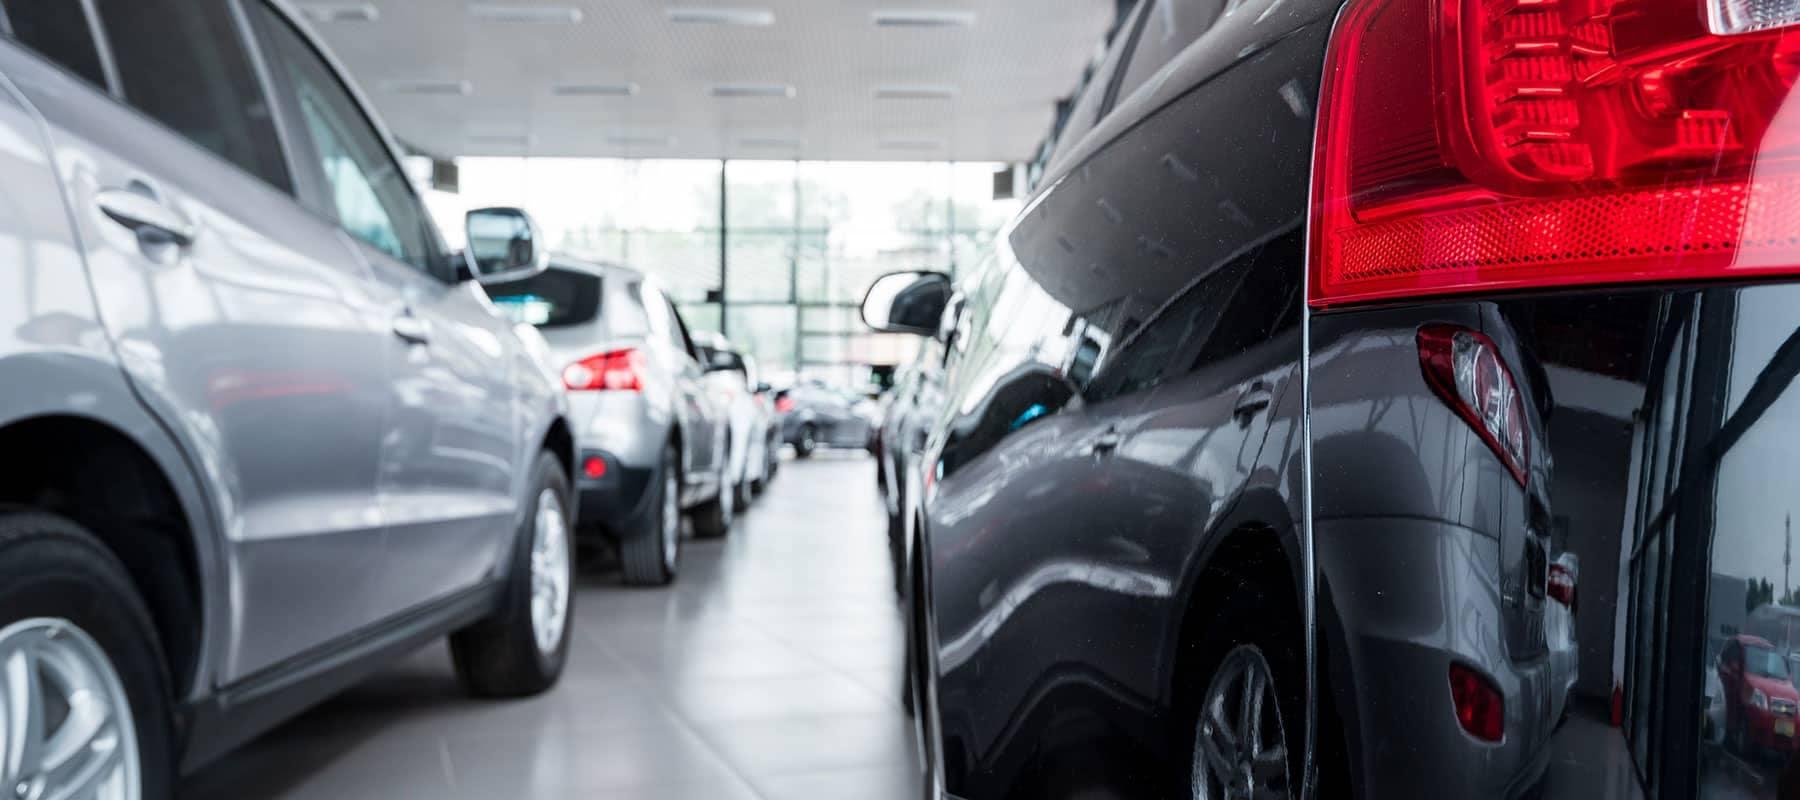 Generic Car showroom